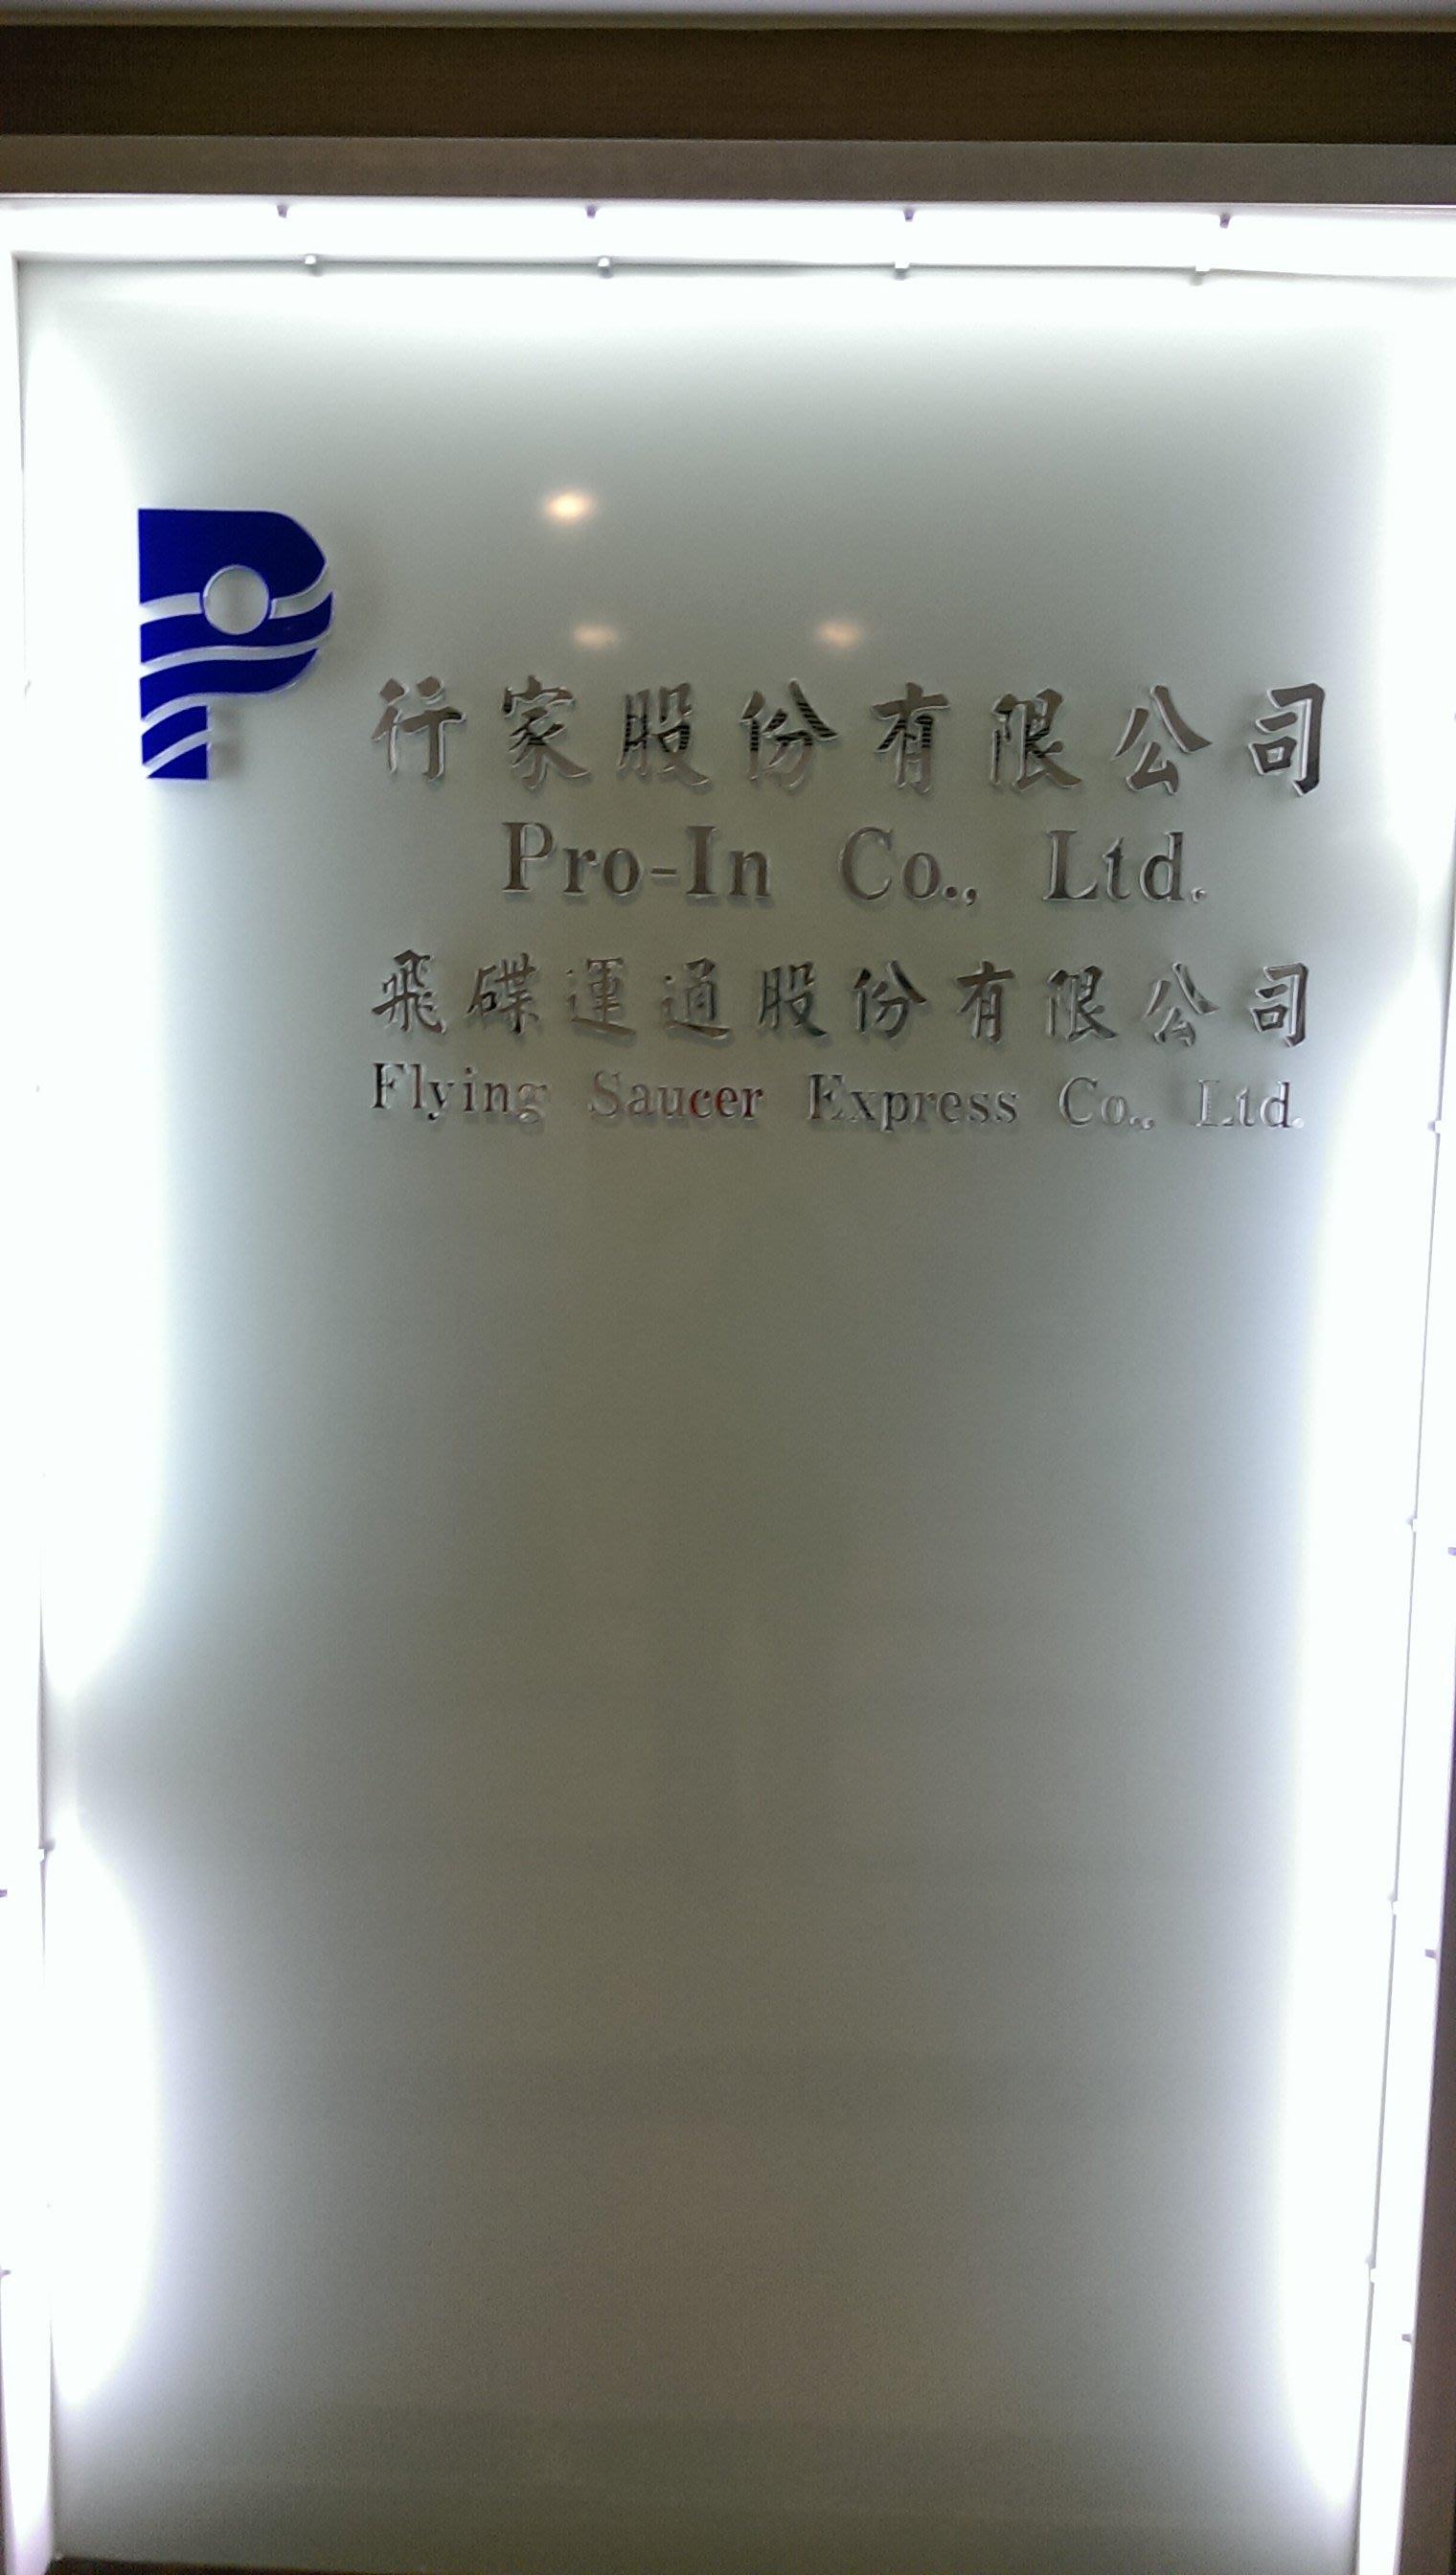 壓克力字  水晶字  公司牌  金鏡字  銀鏡字  立體字